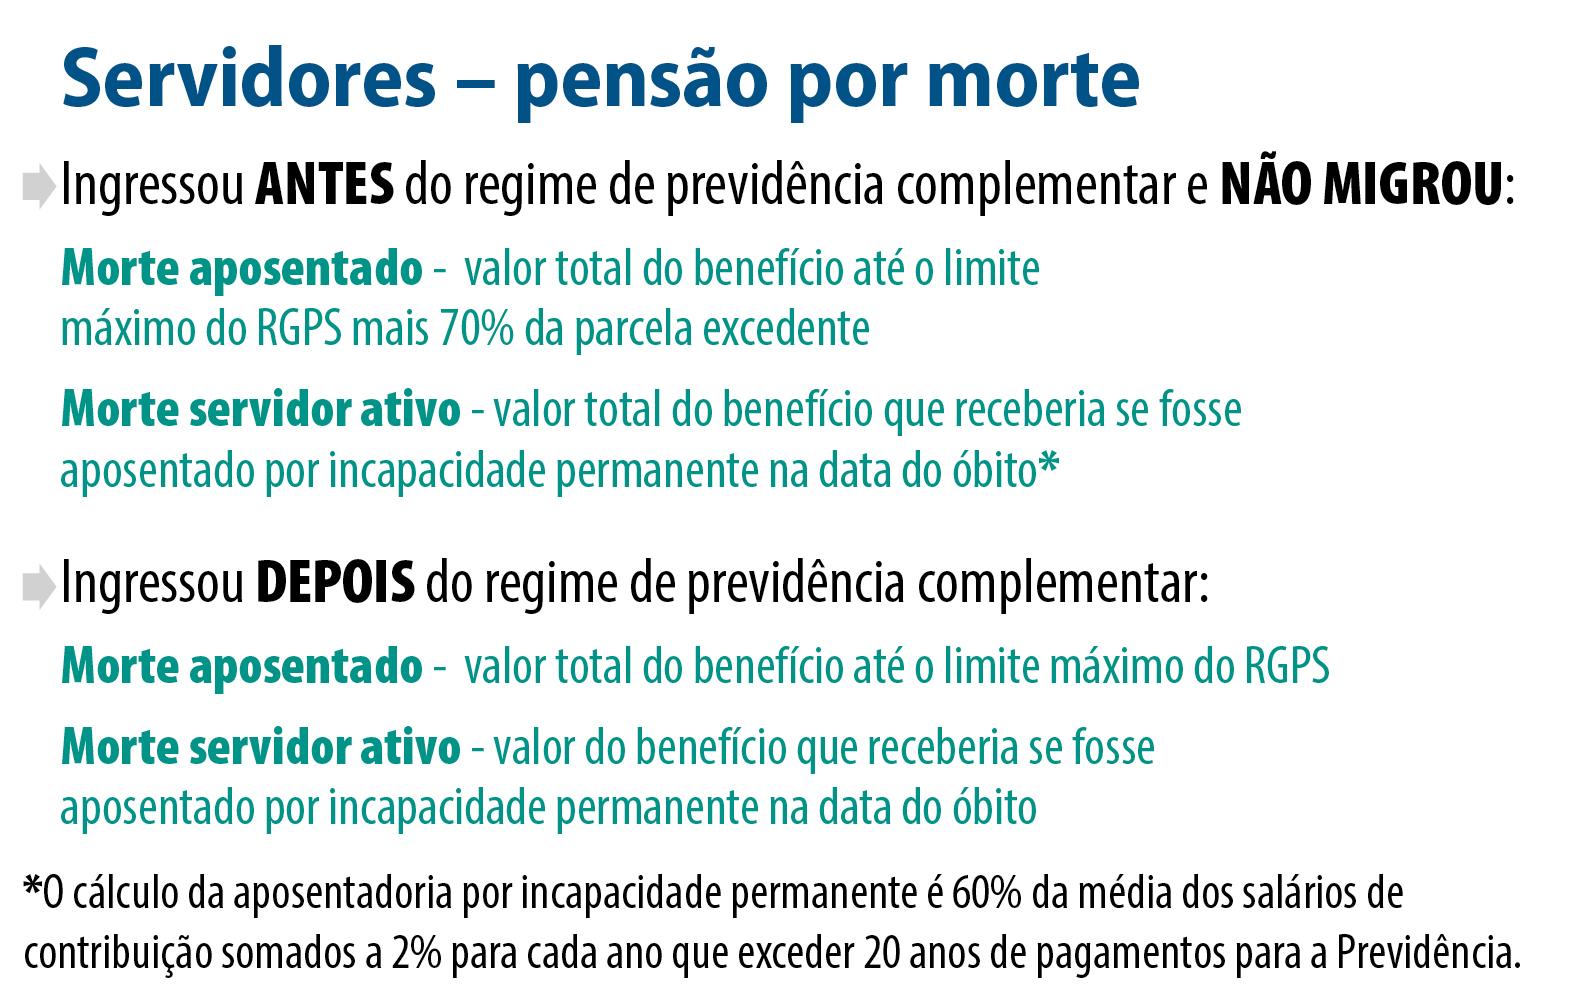 Reforma reduz valor de pensão por morte e aposentadoria por invalidez 5